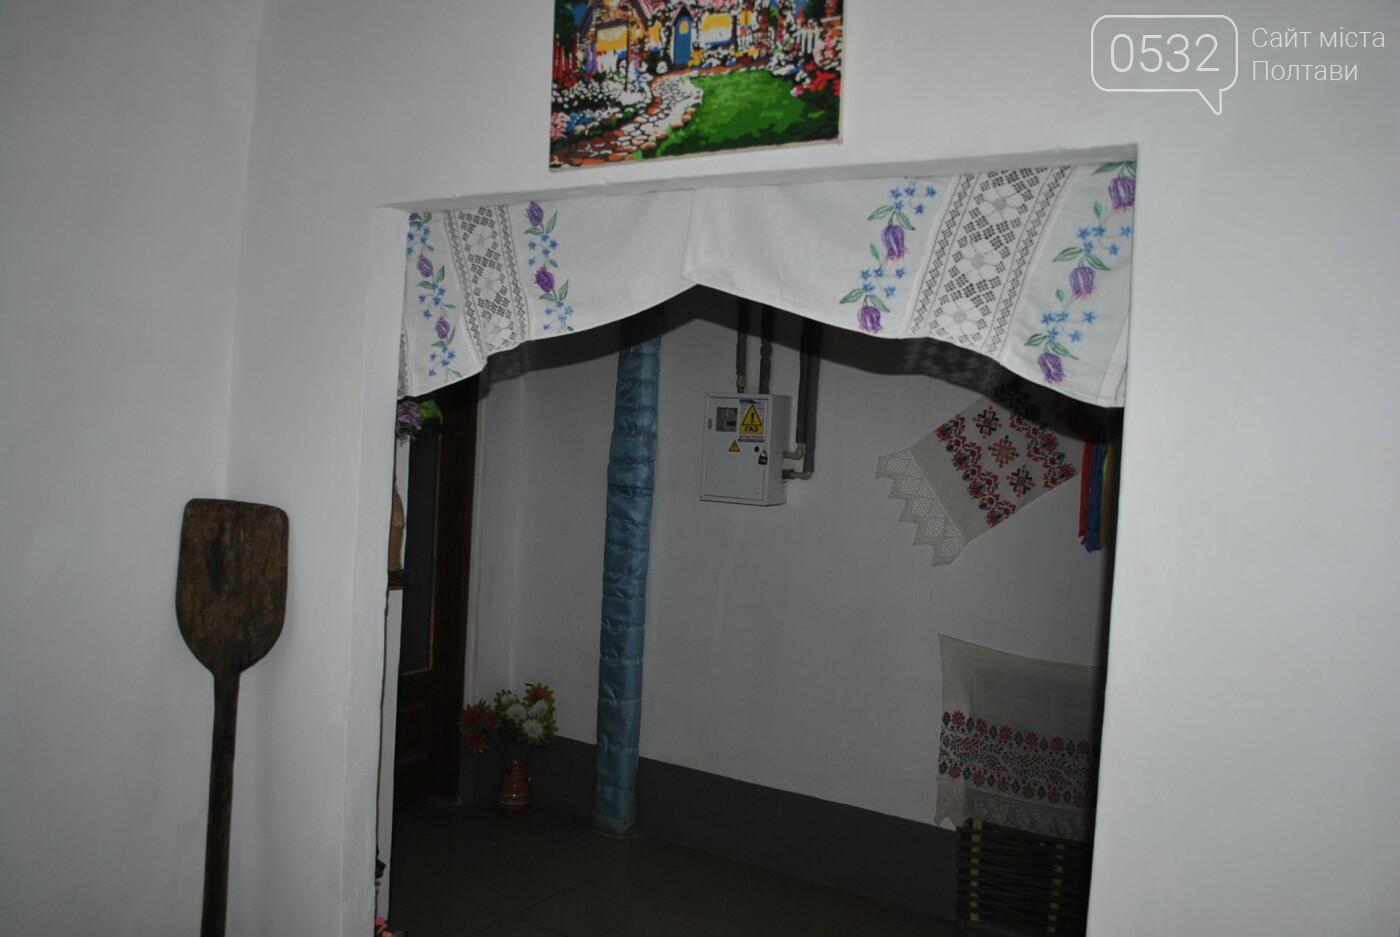 Полтавці створили українську світлицю у під'їзді багатоповерхівки (ФОТО), фото-1